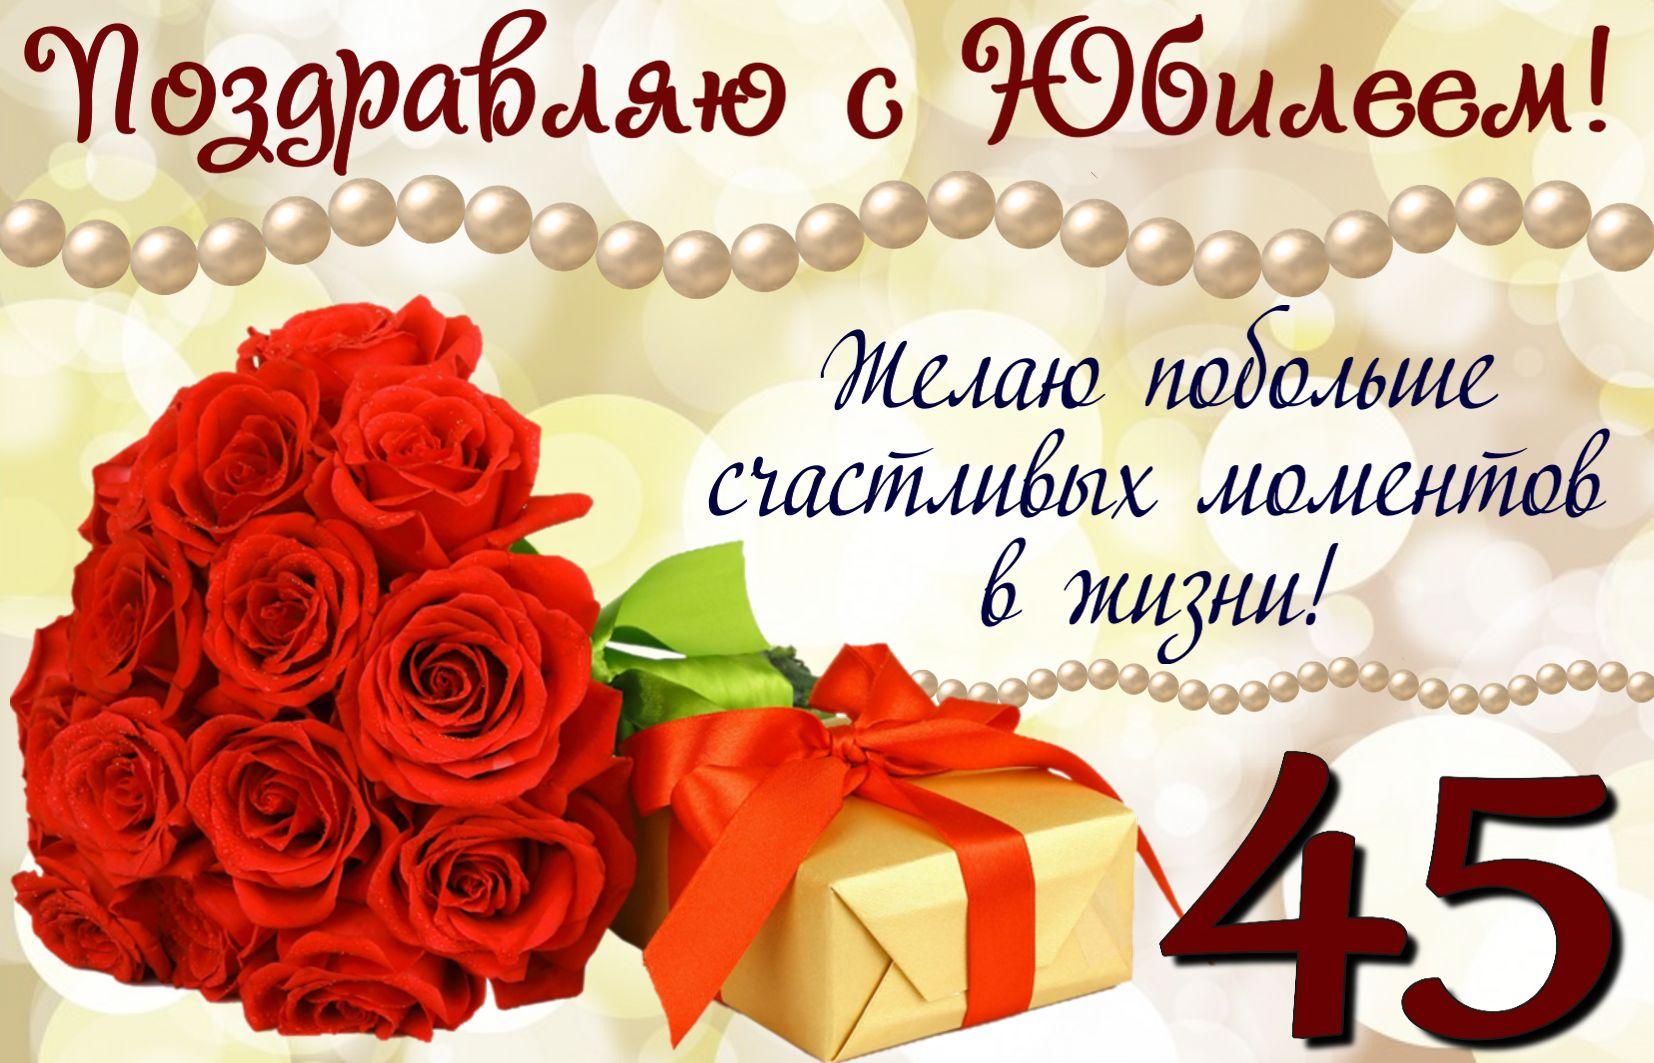 Букет роз и подарок на юбилей 45 лет